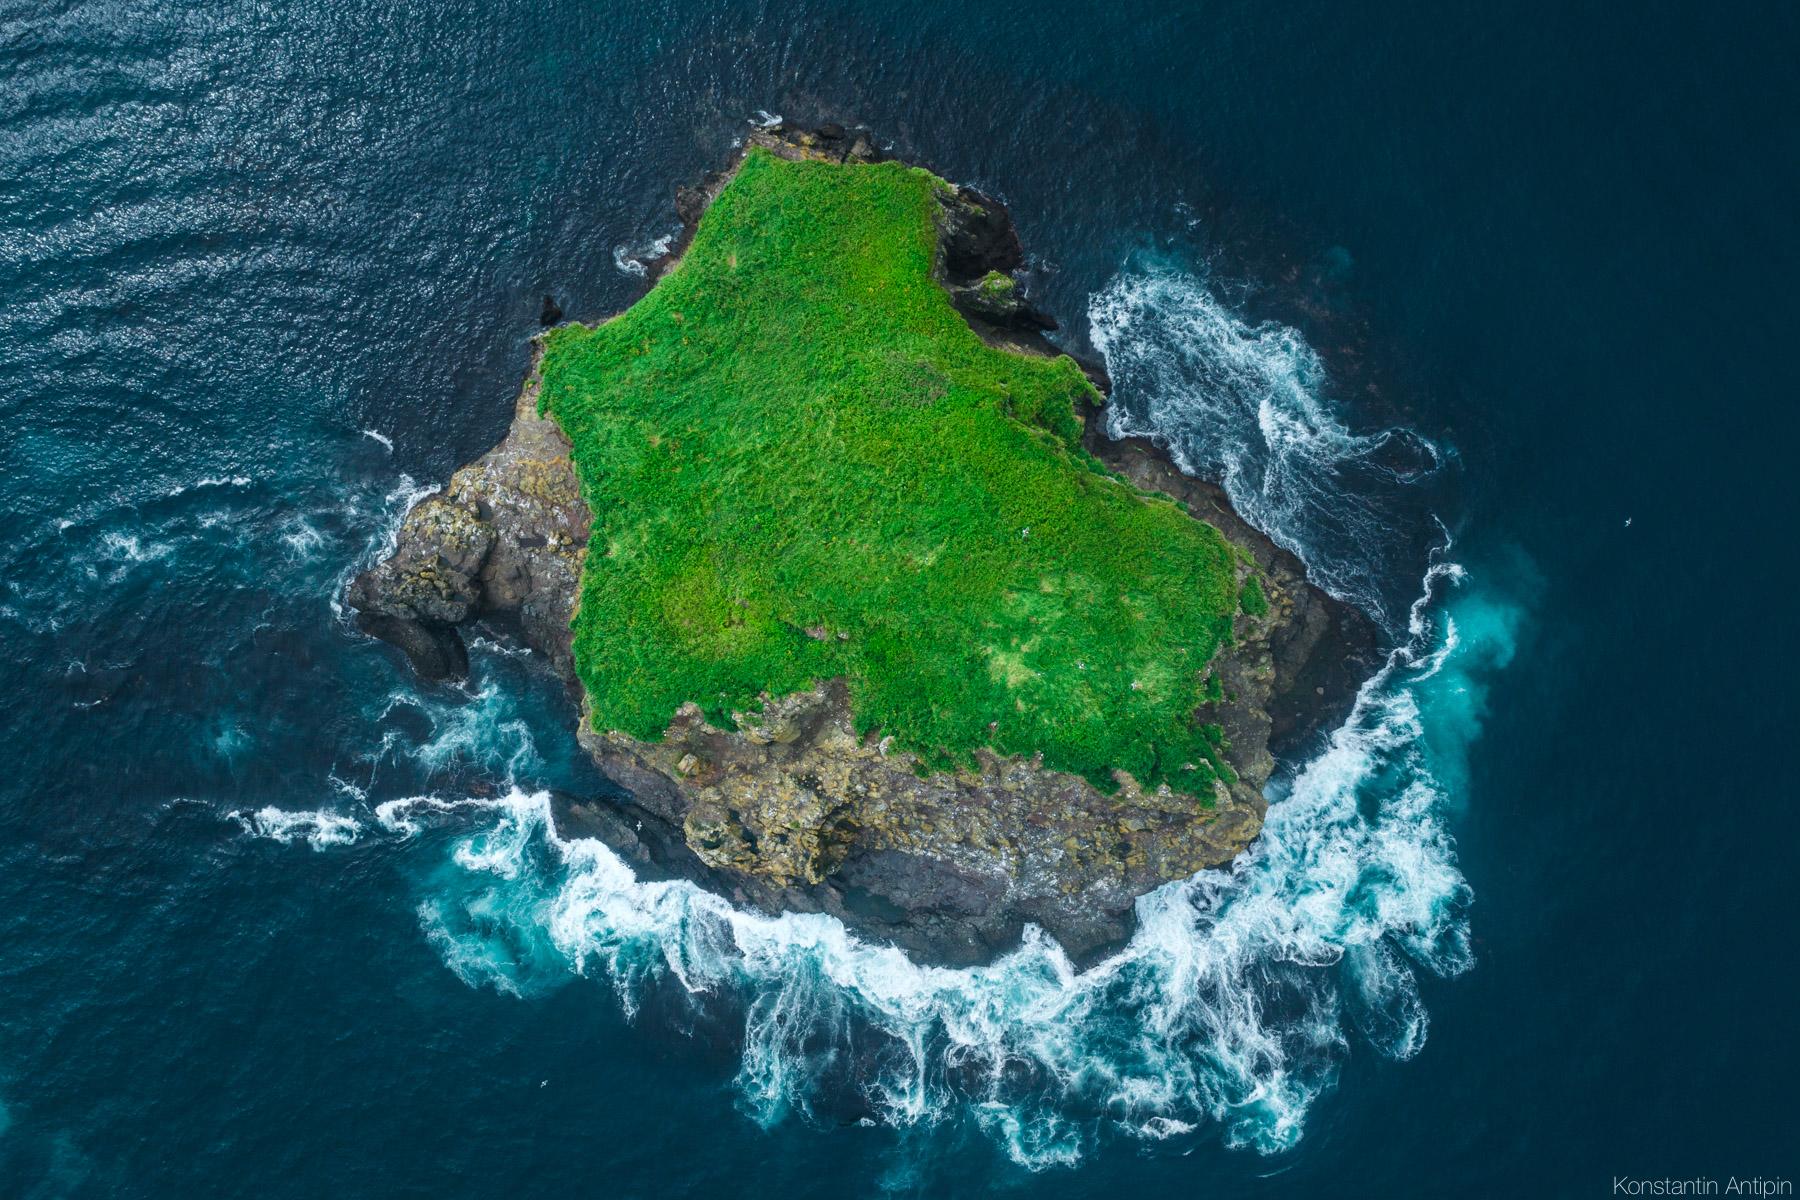 Курильские острова вид сверху фото